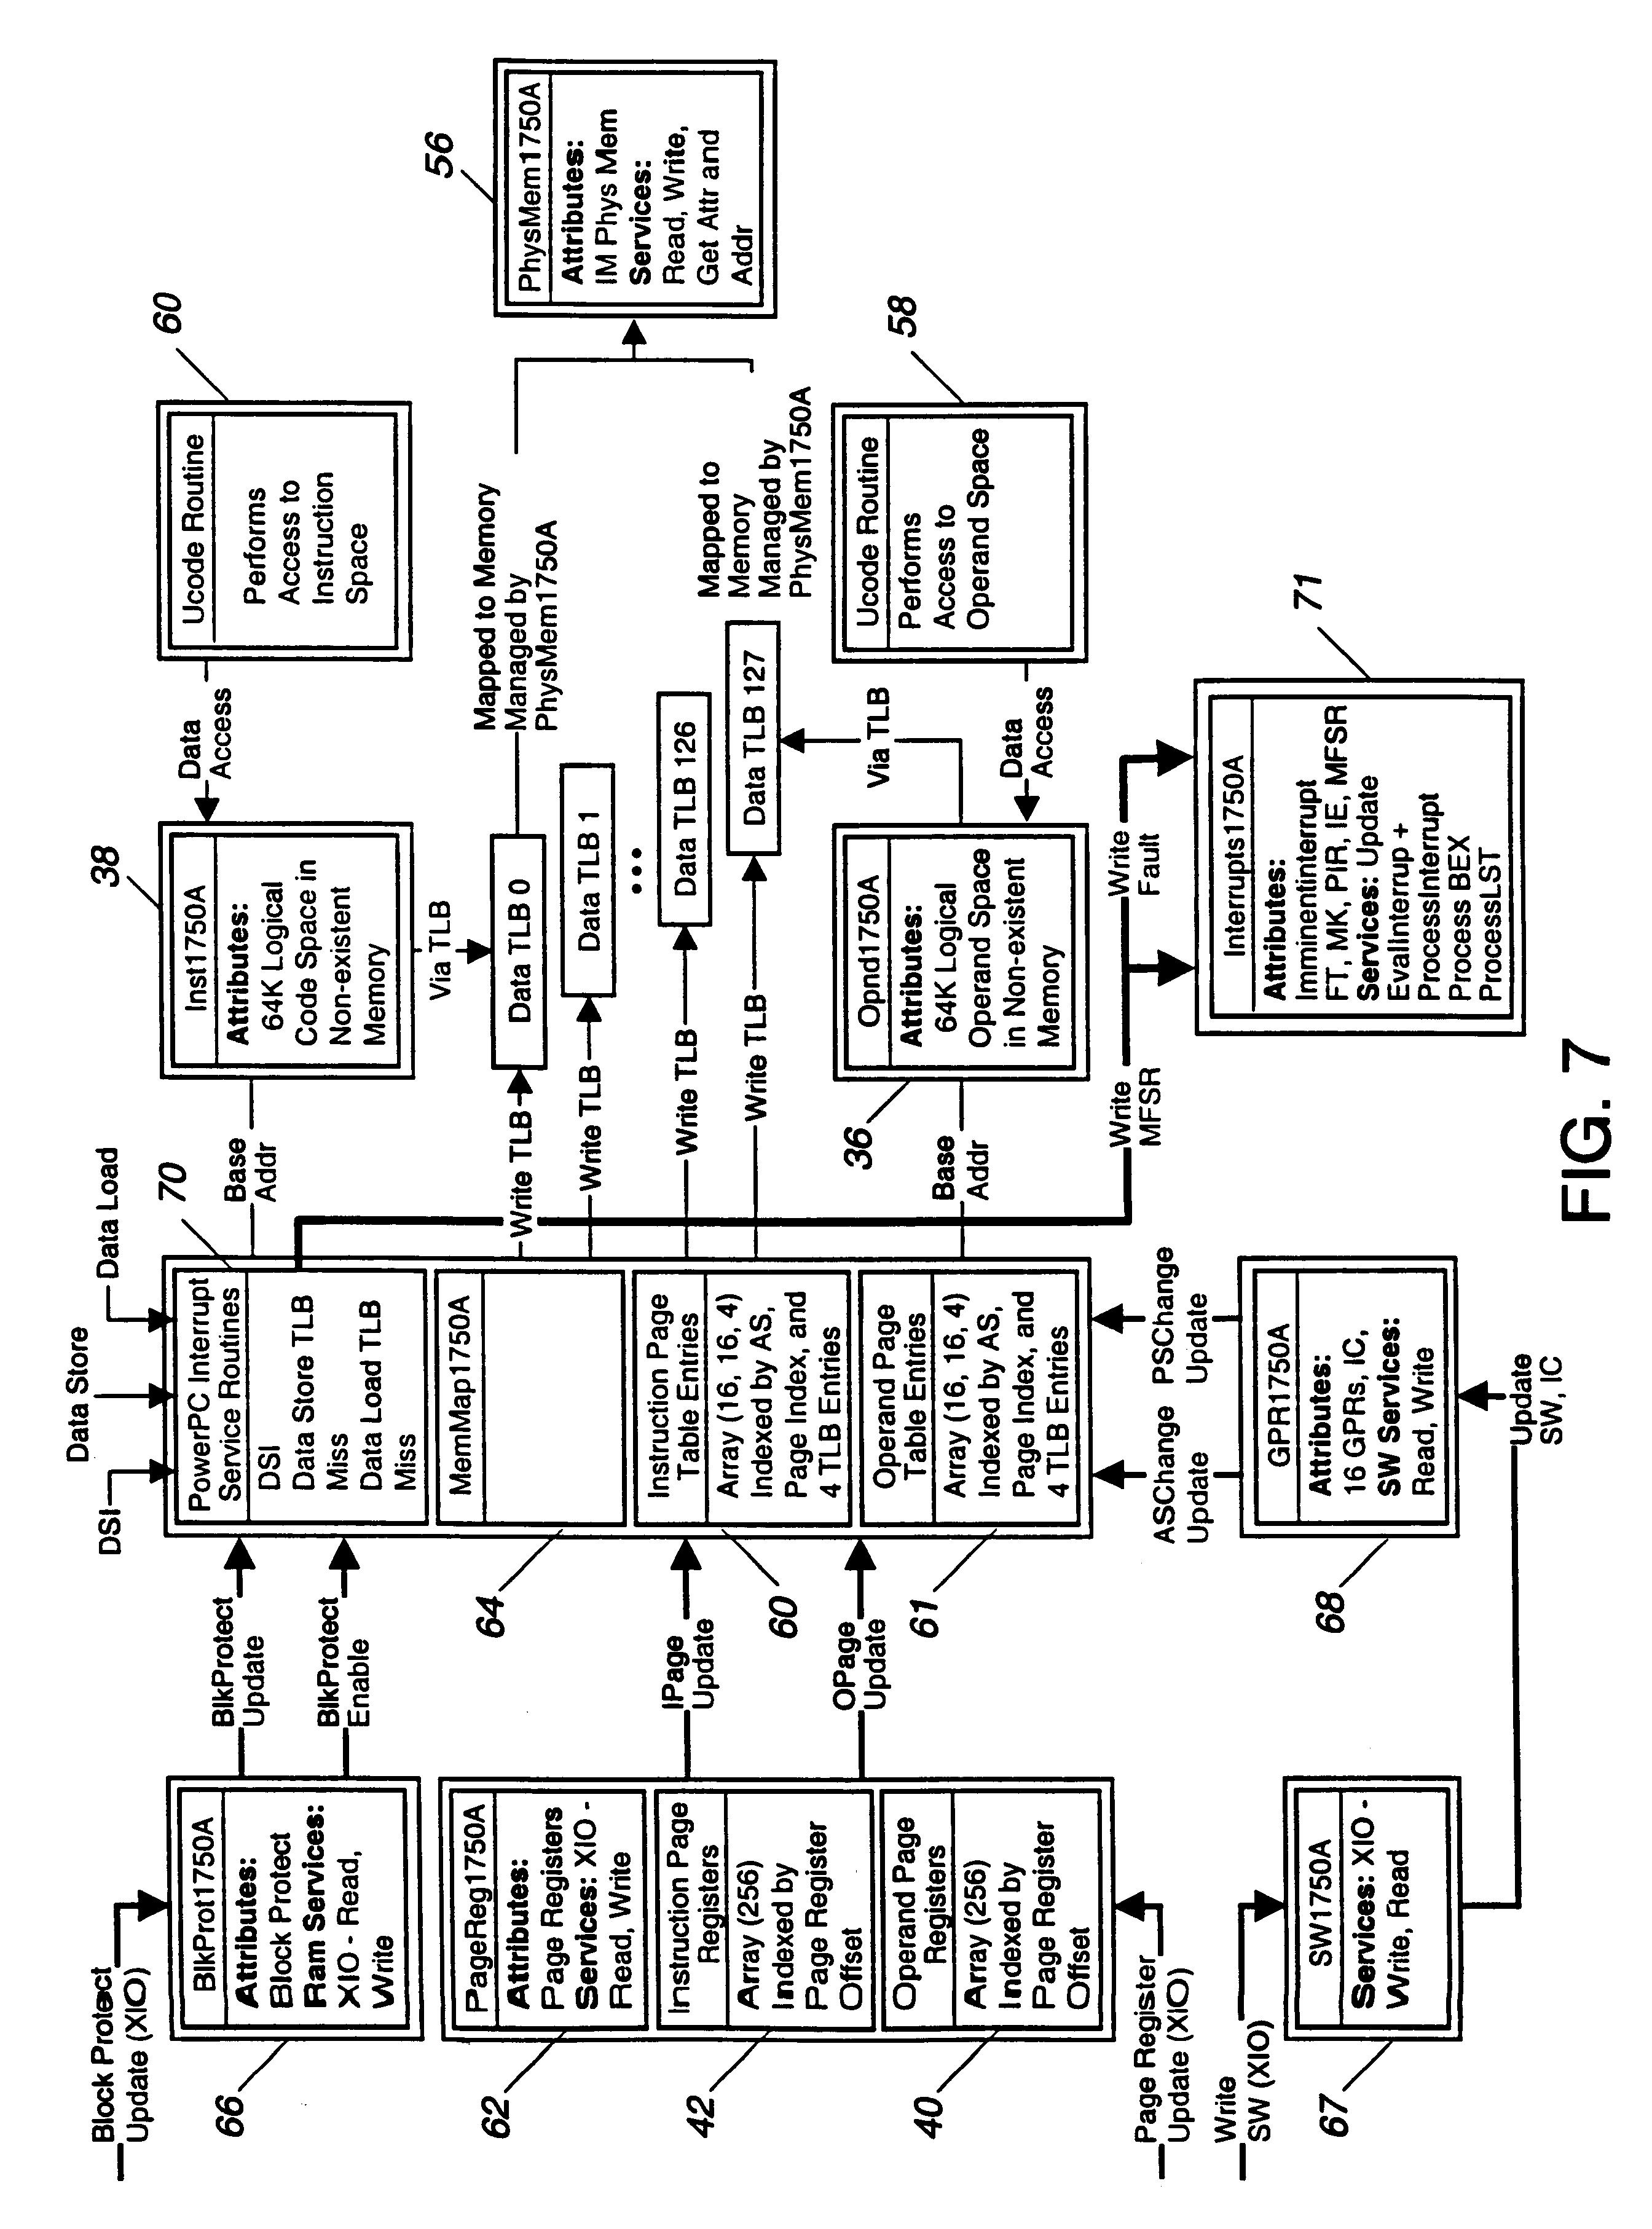 brevetto us6212614